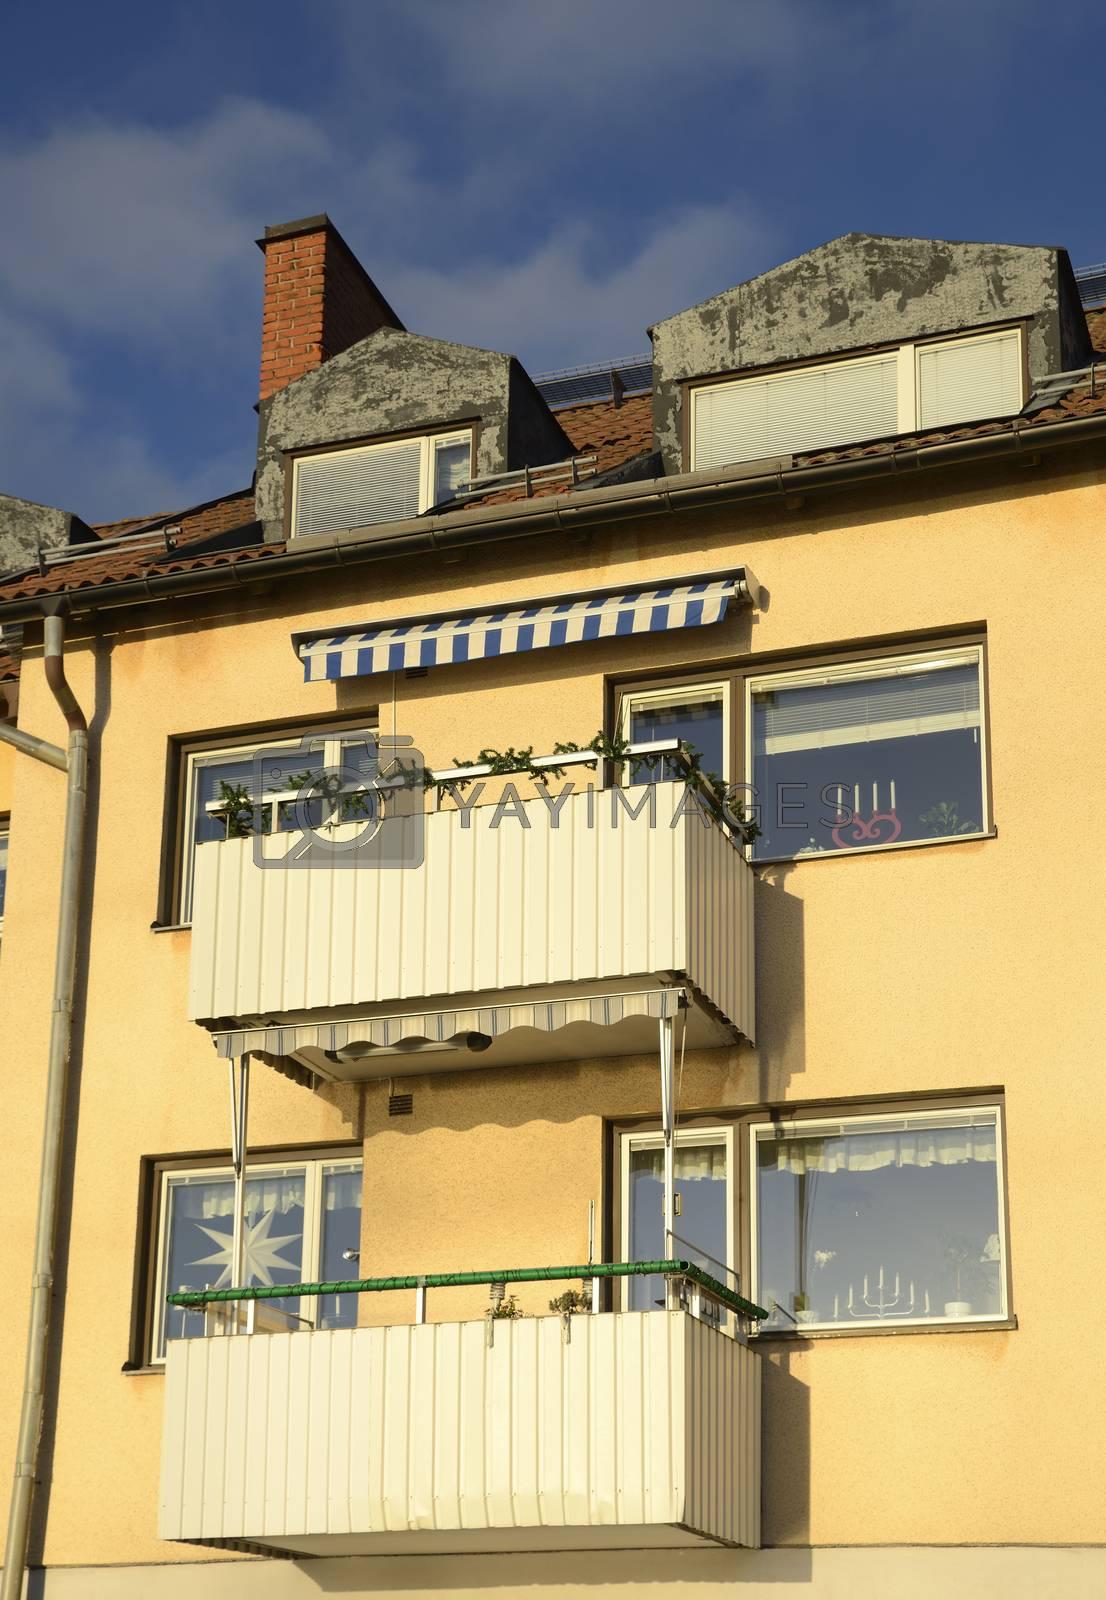 Apartment block, Vaxholm - Sweden